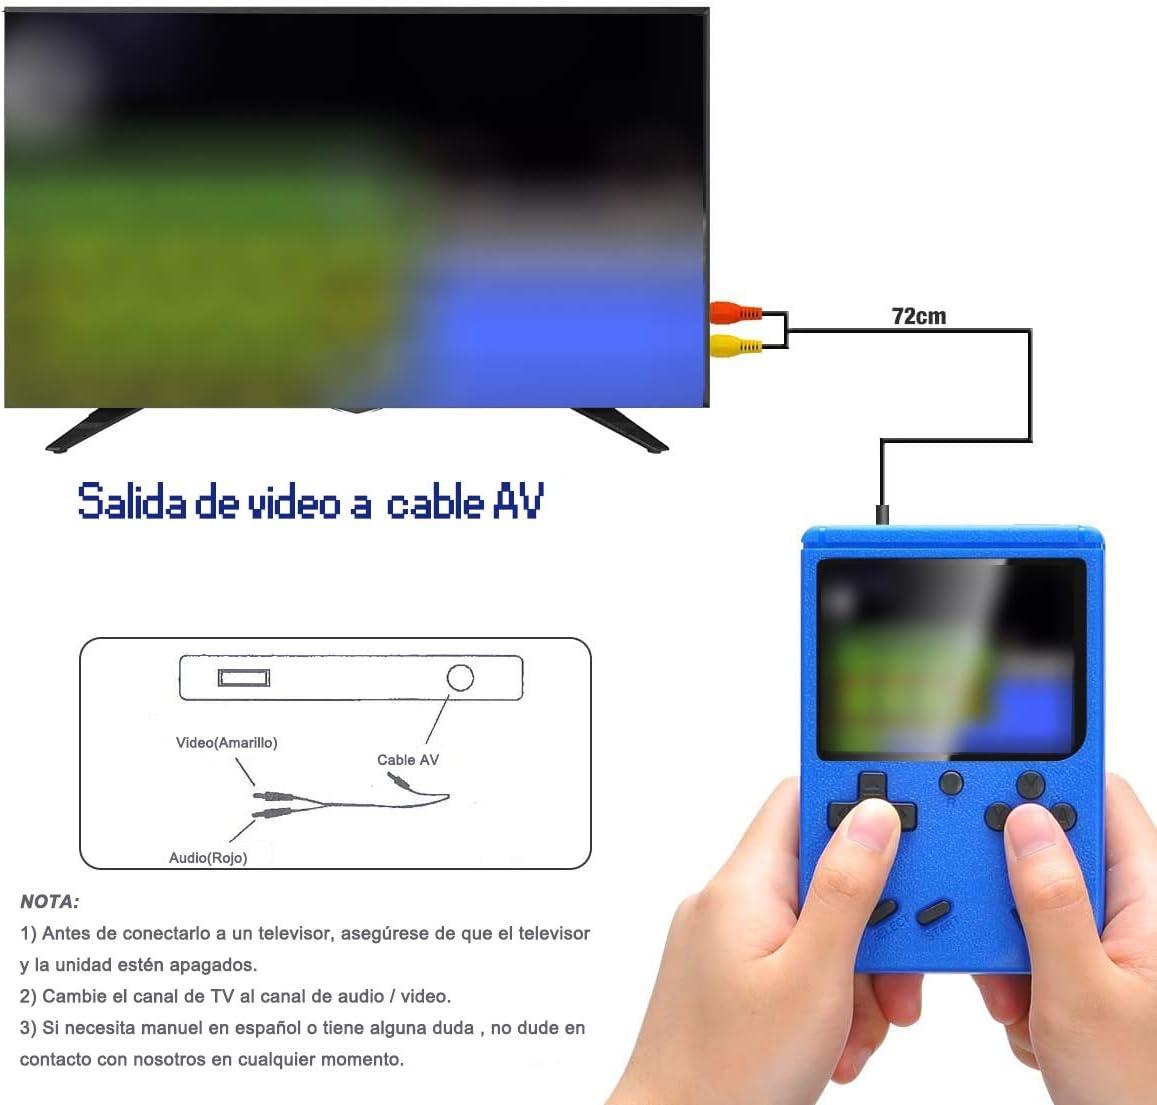 Tanouve Consola Retro, Videoconsolas Consola de Juegos Portátil con 400 Juegos Clásicos Pantalla LCD 3 Pulgadas Soporte Conectar TV 2 Jugadores para Hombres Amigosen Navidad-Azul: Amazon.es: Electrónica